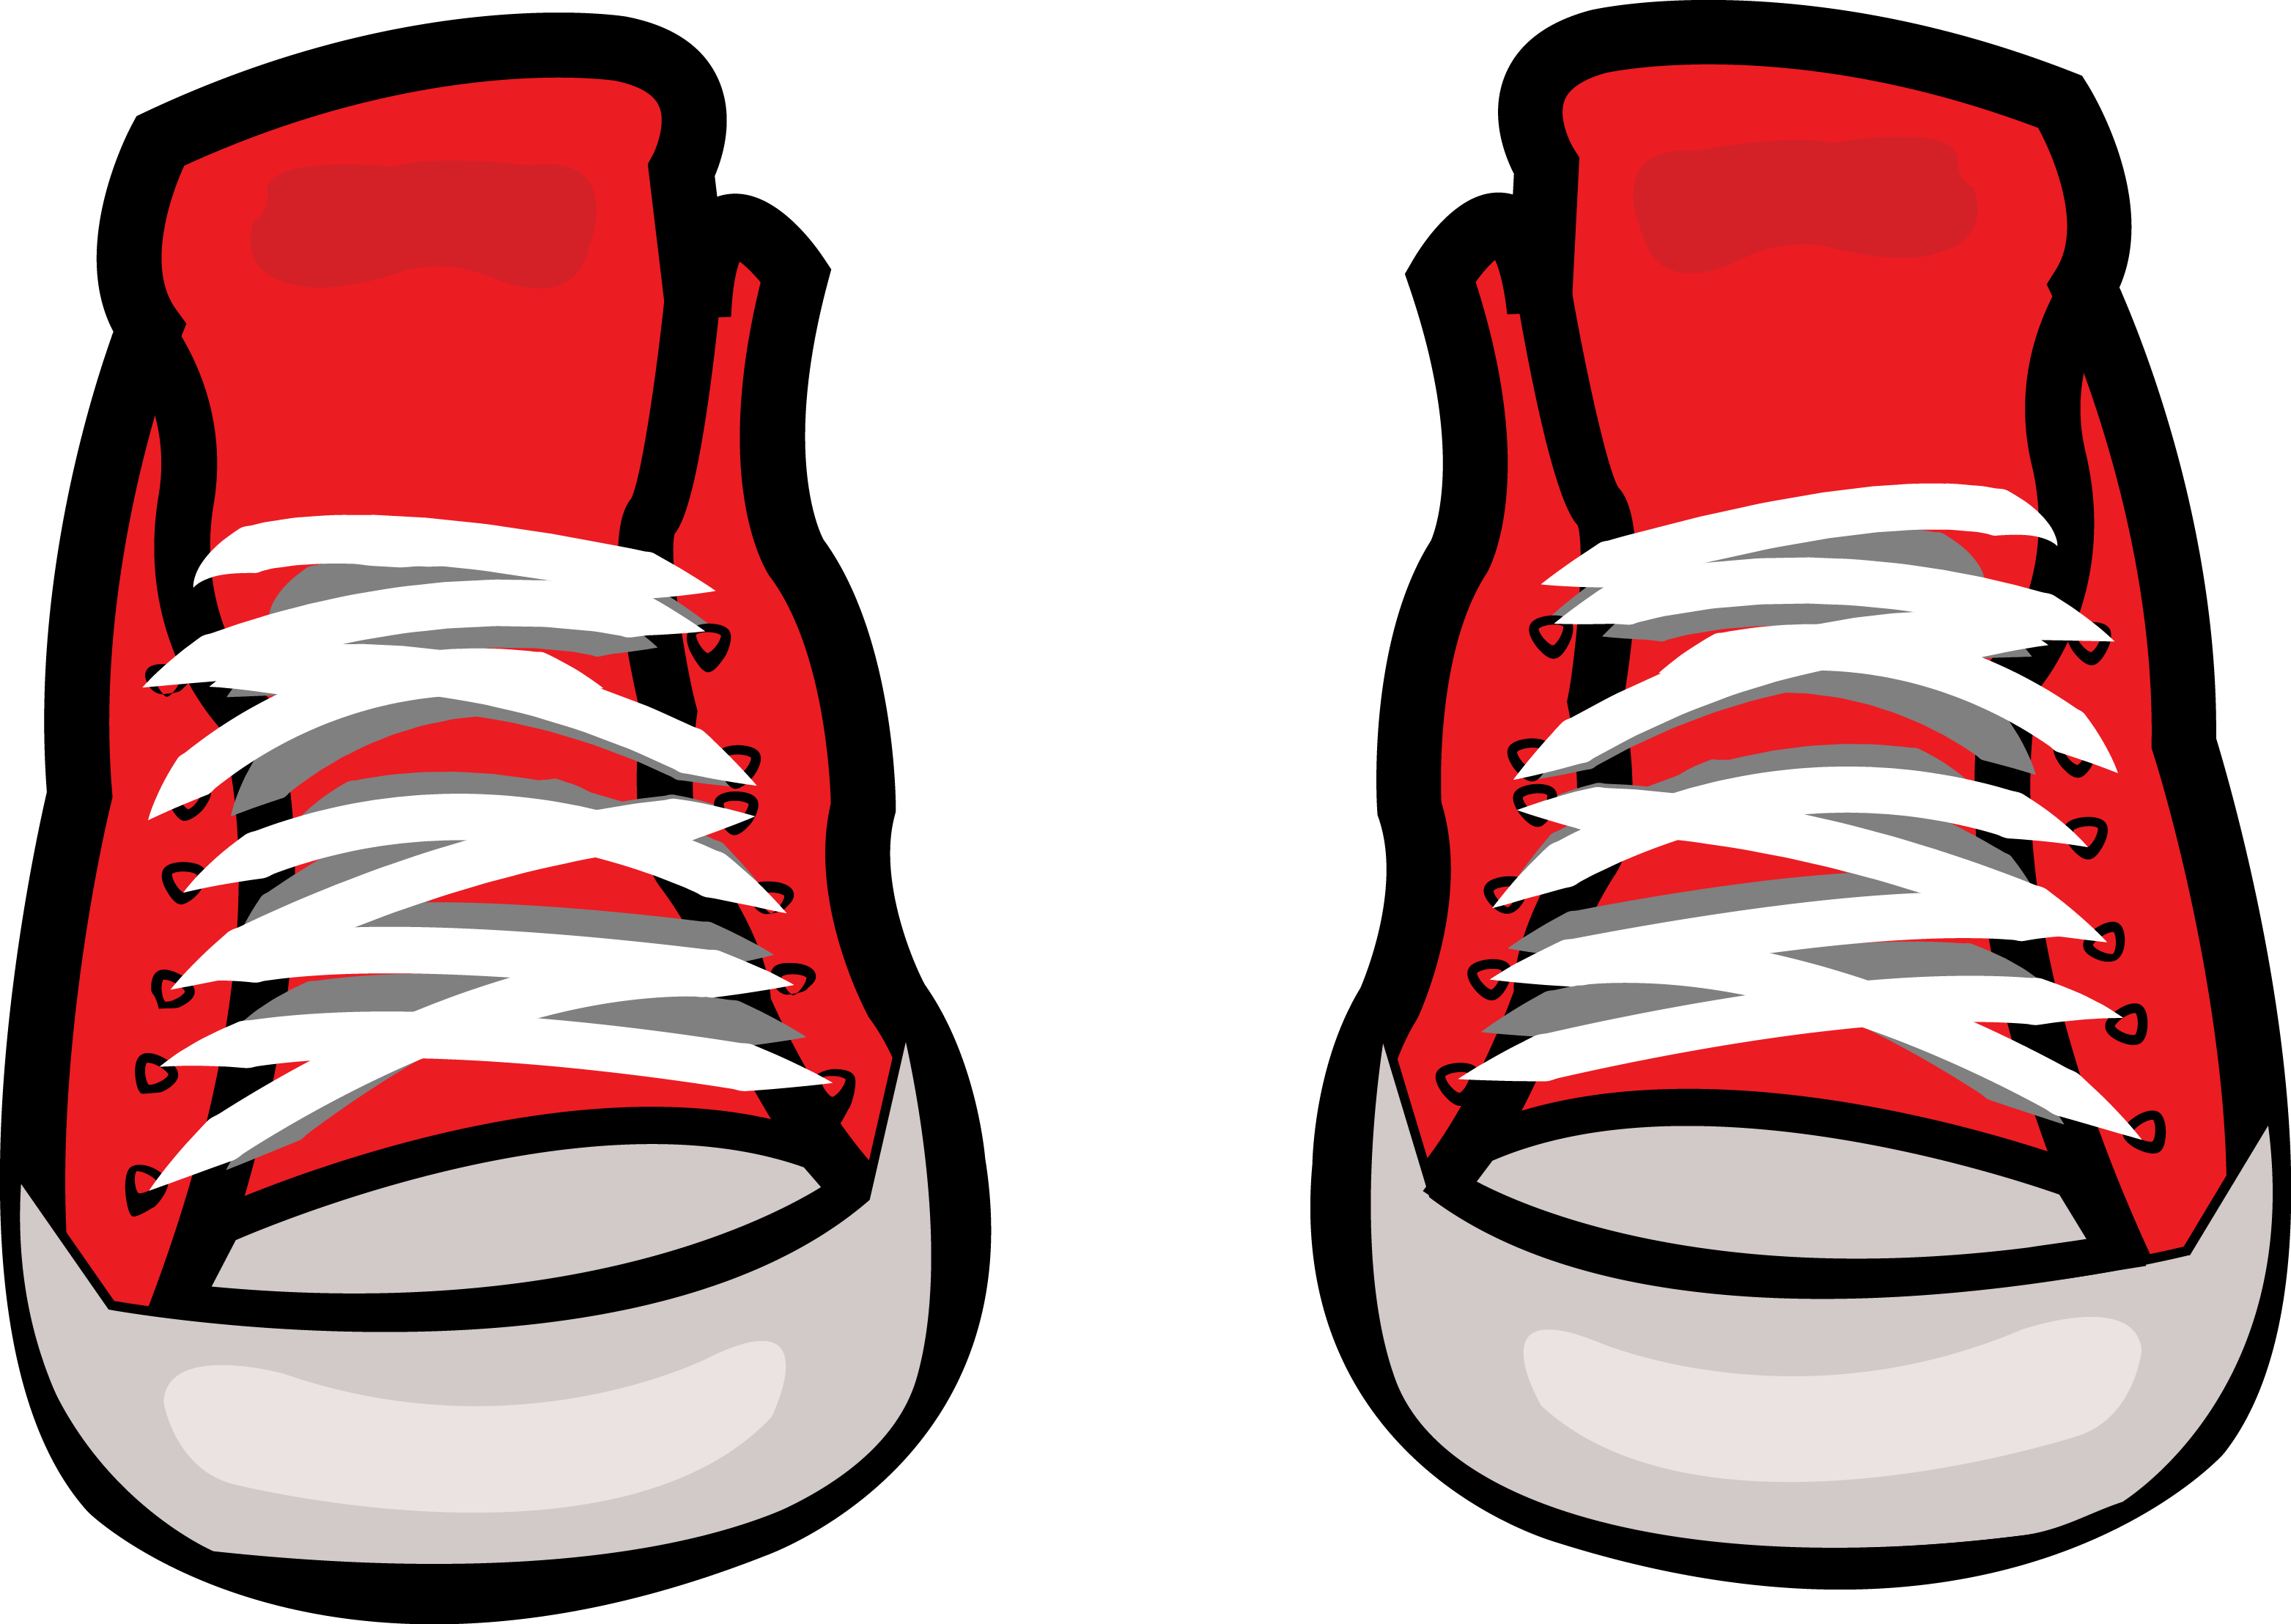 Converse clipart shoesclip. Shoe sneakers chuck taylor